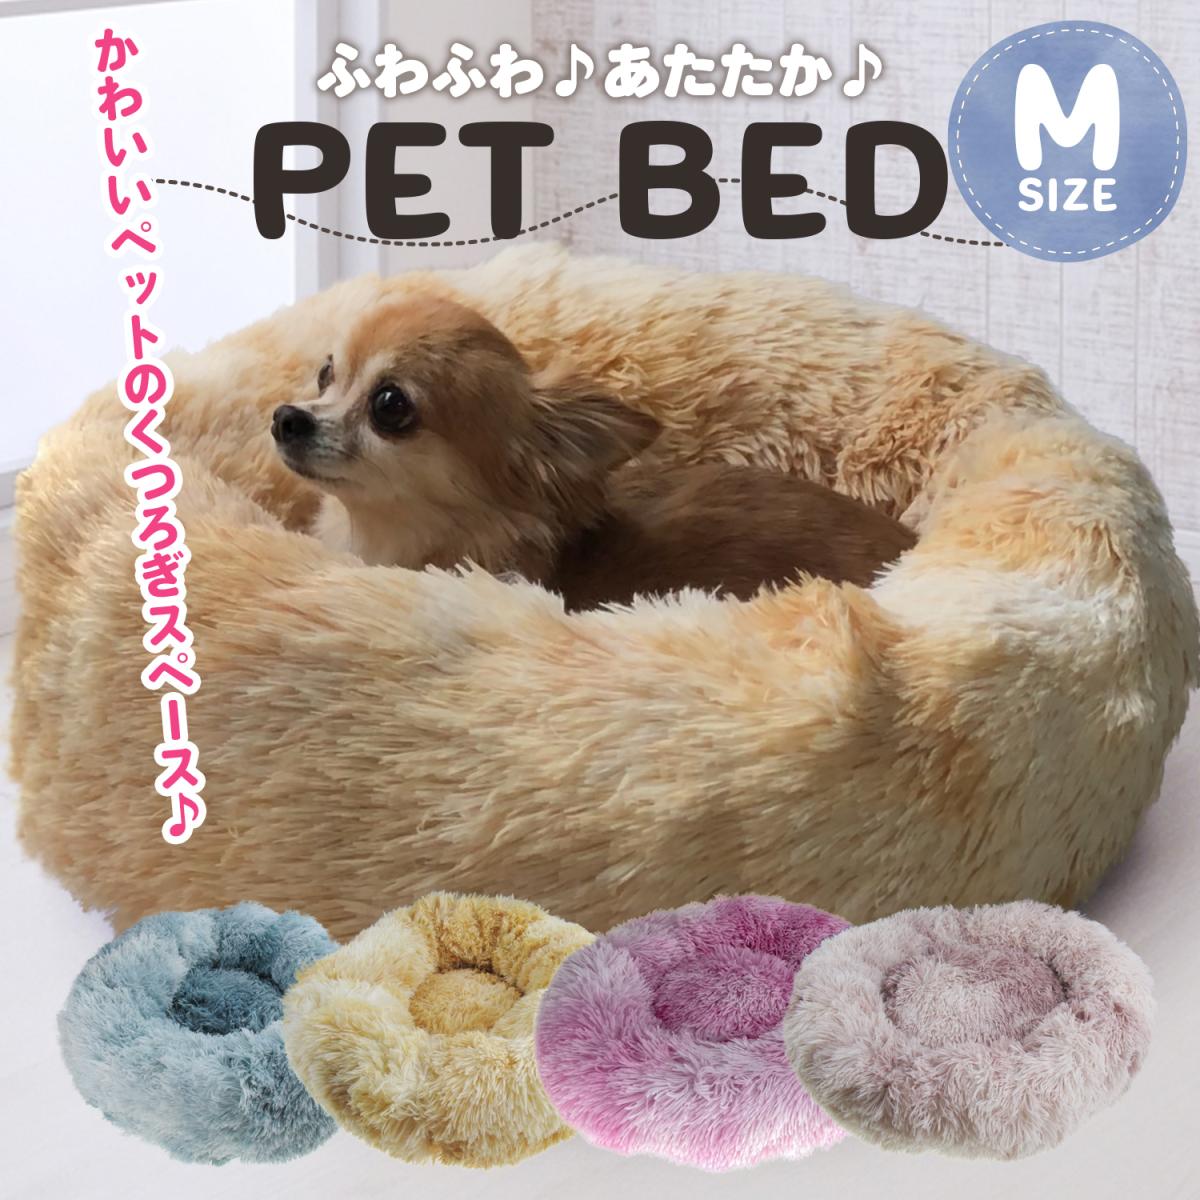 ペット用ふわふわベッドマーブル50cm